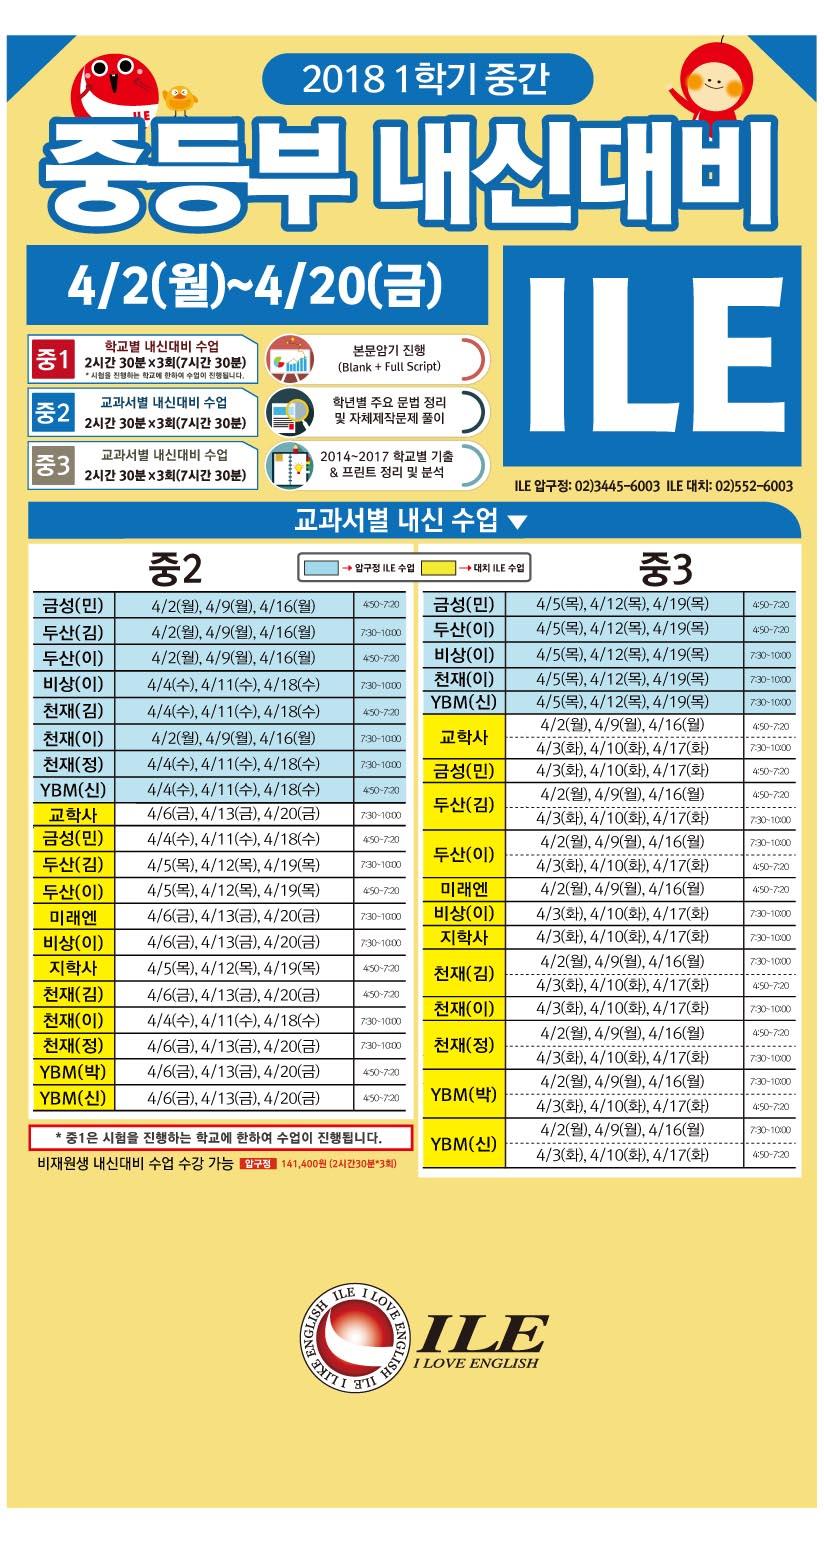 2018 1학기 중간 중등부 내신대비(일정포함)-압3.jpg